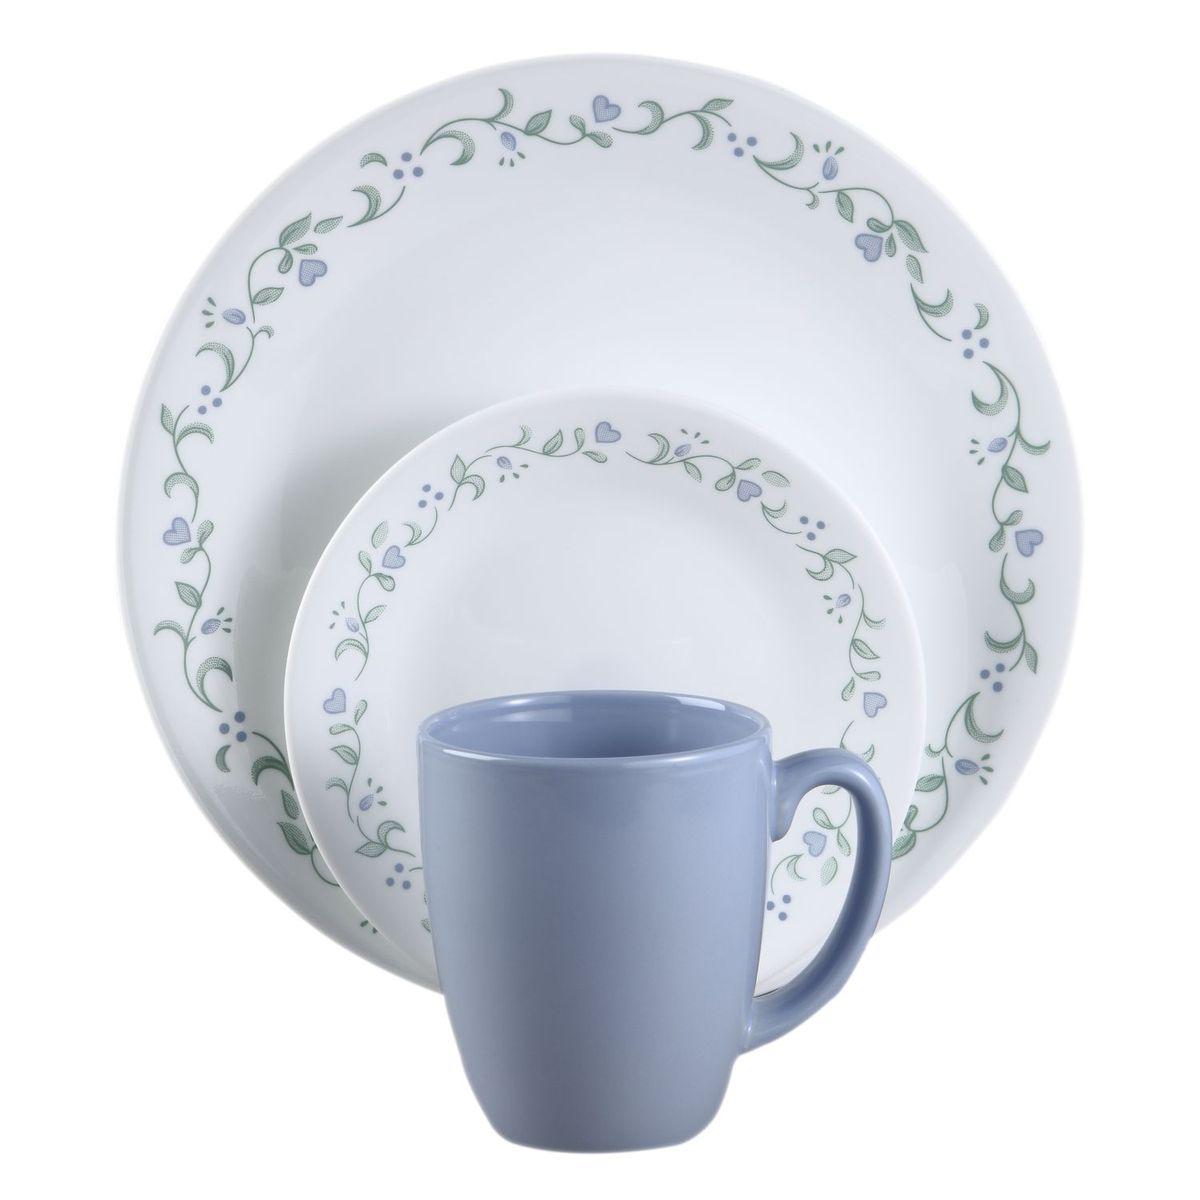 Набор посуды Country Cottage 16пр, цвет: белый с узором6022006Преимуществами посуды Corelle являются долговечность, красота и безопасность в использовании. Вся посуда Corelle изготавливается из высококачественного ударопрочного трехслойного стекла Vitrelle и украшена деколями американских и европейских дизайнеров. Рисунки не стираются и не царапаются, не теряют свою яркость на протяжении многих лет. Посуда Corelle не впитывает запахов и очень долгое время выглядит как новая. Уникальная эмаль, используемая во время декорирования, фактически становится единым целым с поверхностью стекла, что гарантирует долгое сохранение нанесенного рисунка. Еще одним из главных преимуществ посуды Corelle является ее безопасность. В производстве используются только безопасные для пищи пигменты эмали, при производстве посуды не применяется вредный для здоровья человека меламин. Изделия из материала Vitrelle:...